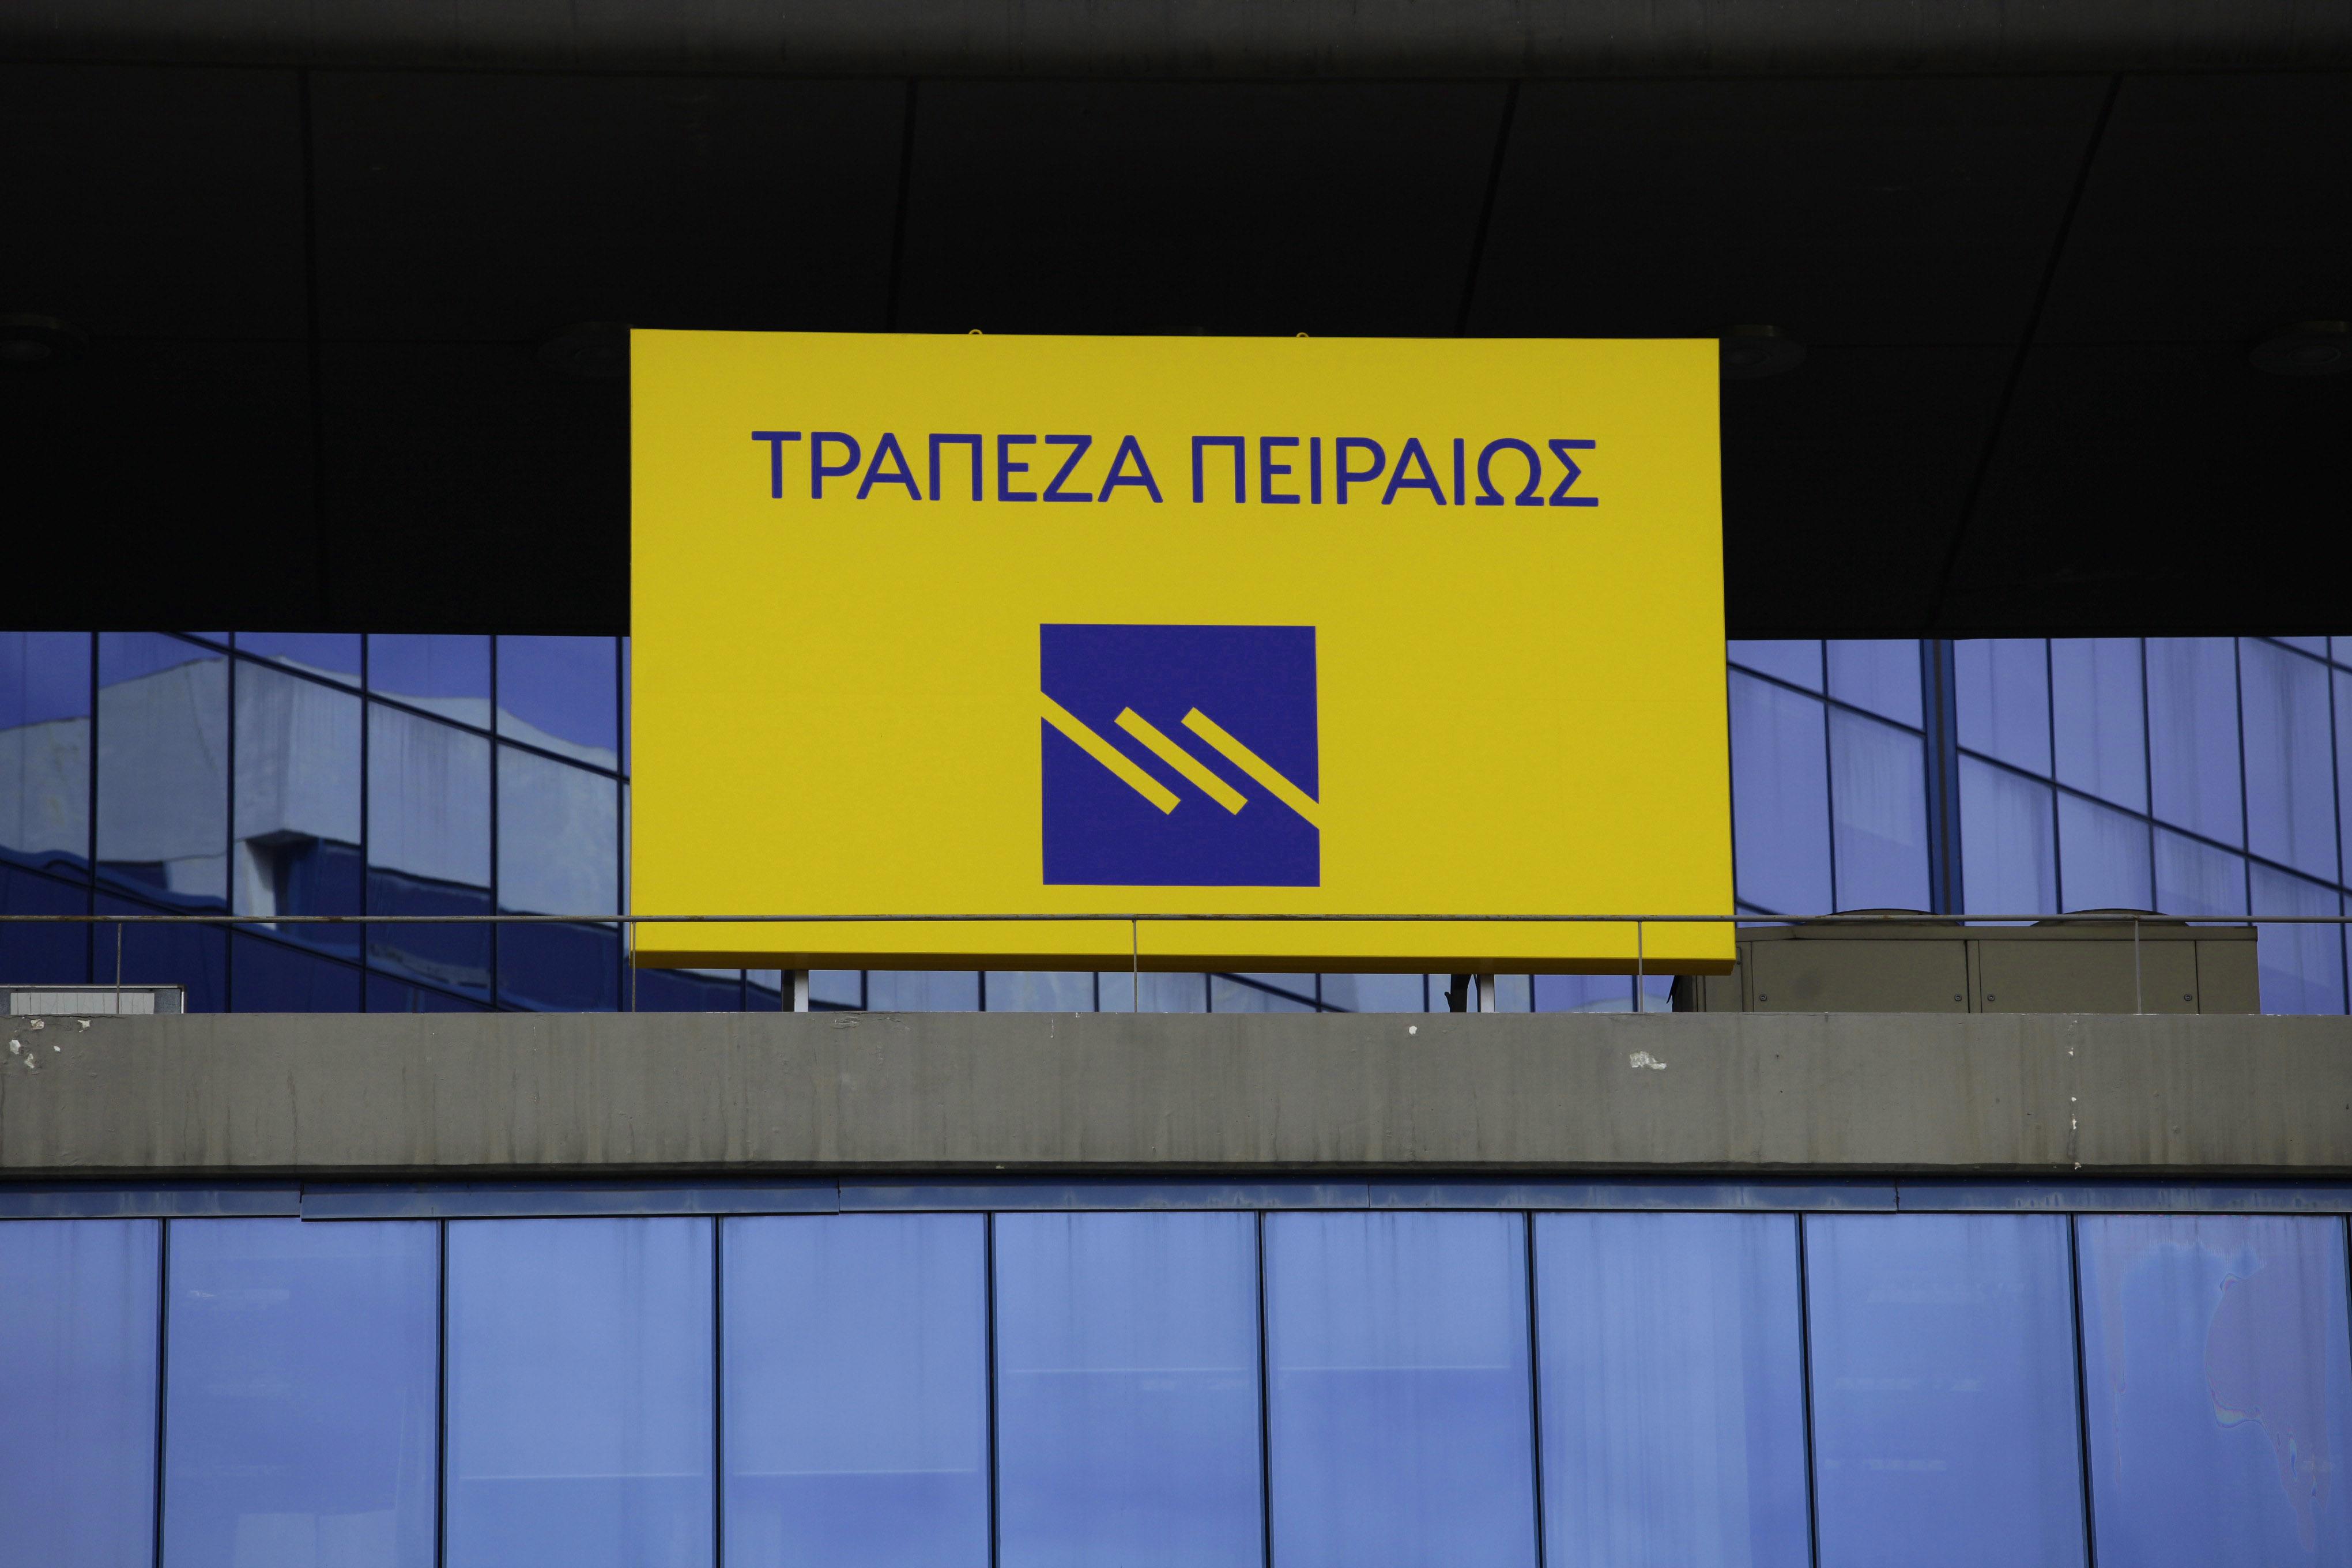 Τράπεζα Πειραιώς: Στα €39 εκατ. τα καθαρά κέρδη στο α' 6 μηνο 2018 | tovima.gr